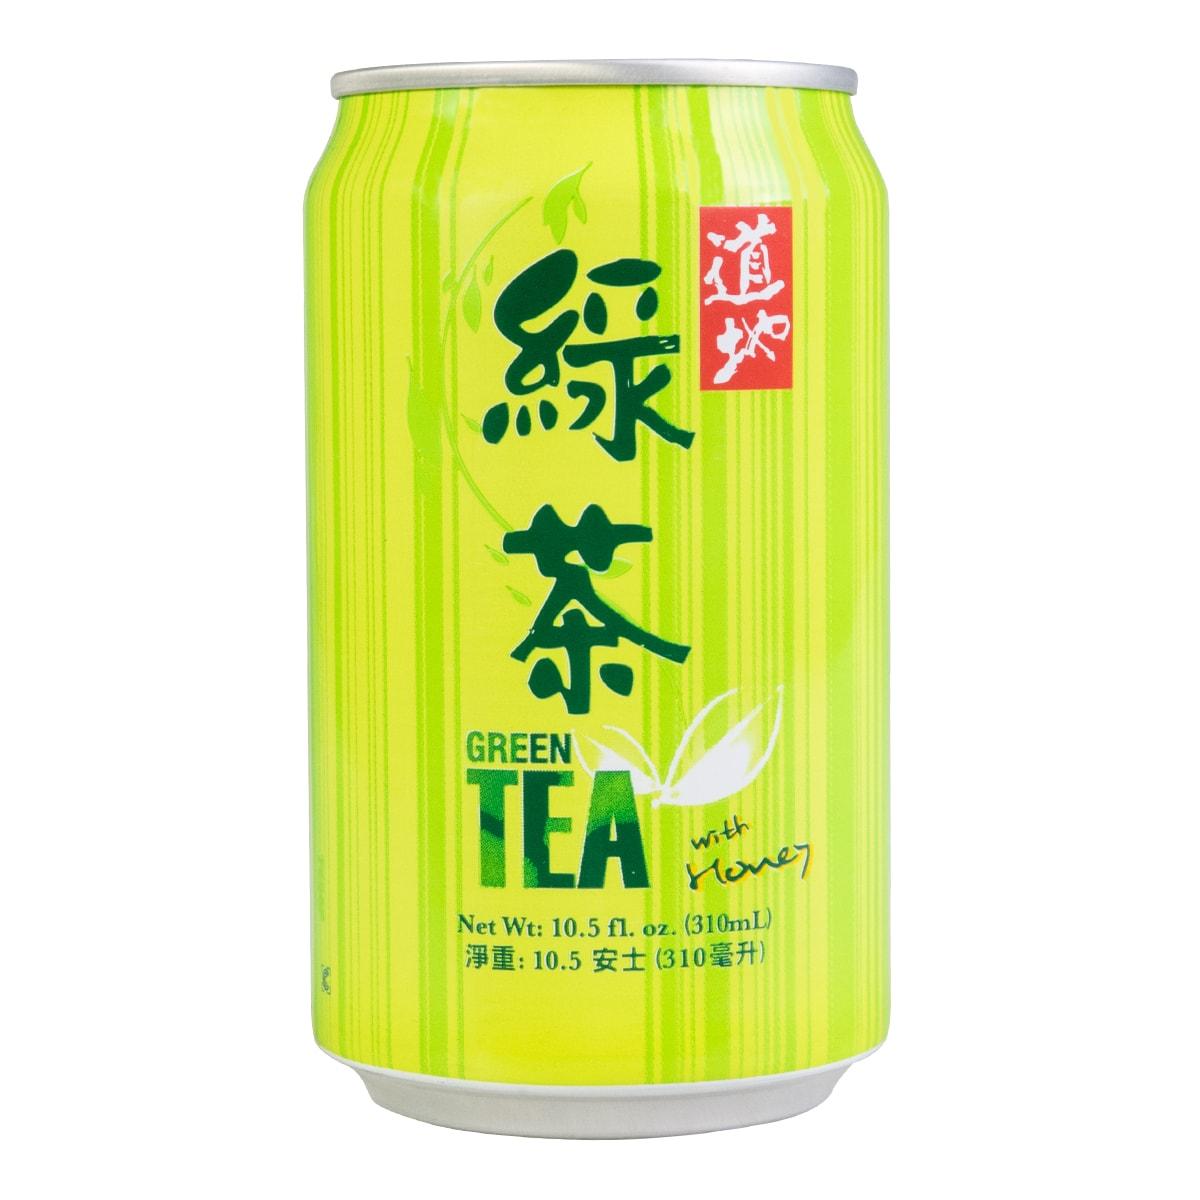 台湾道地 蜂蜜绿茶 310ml